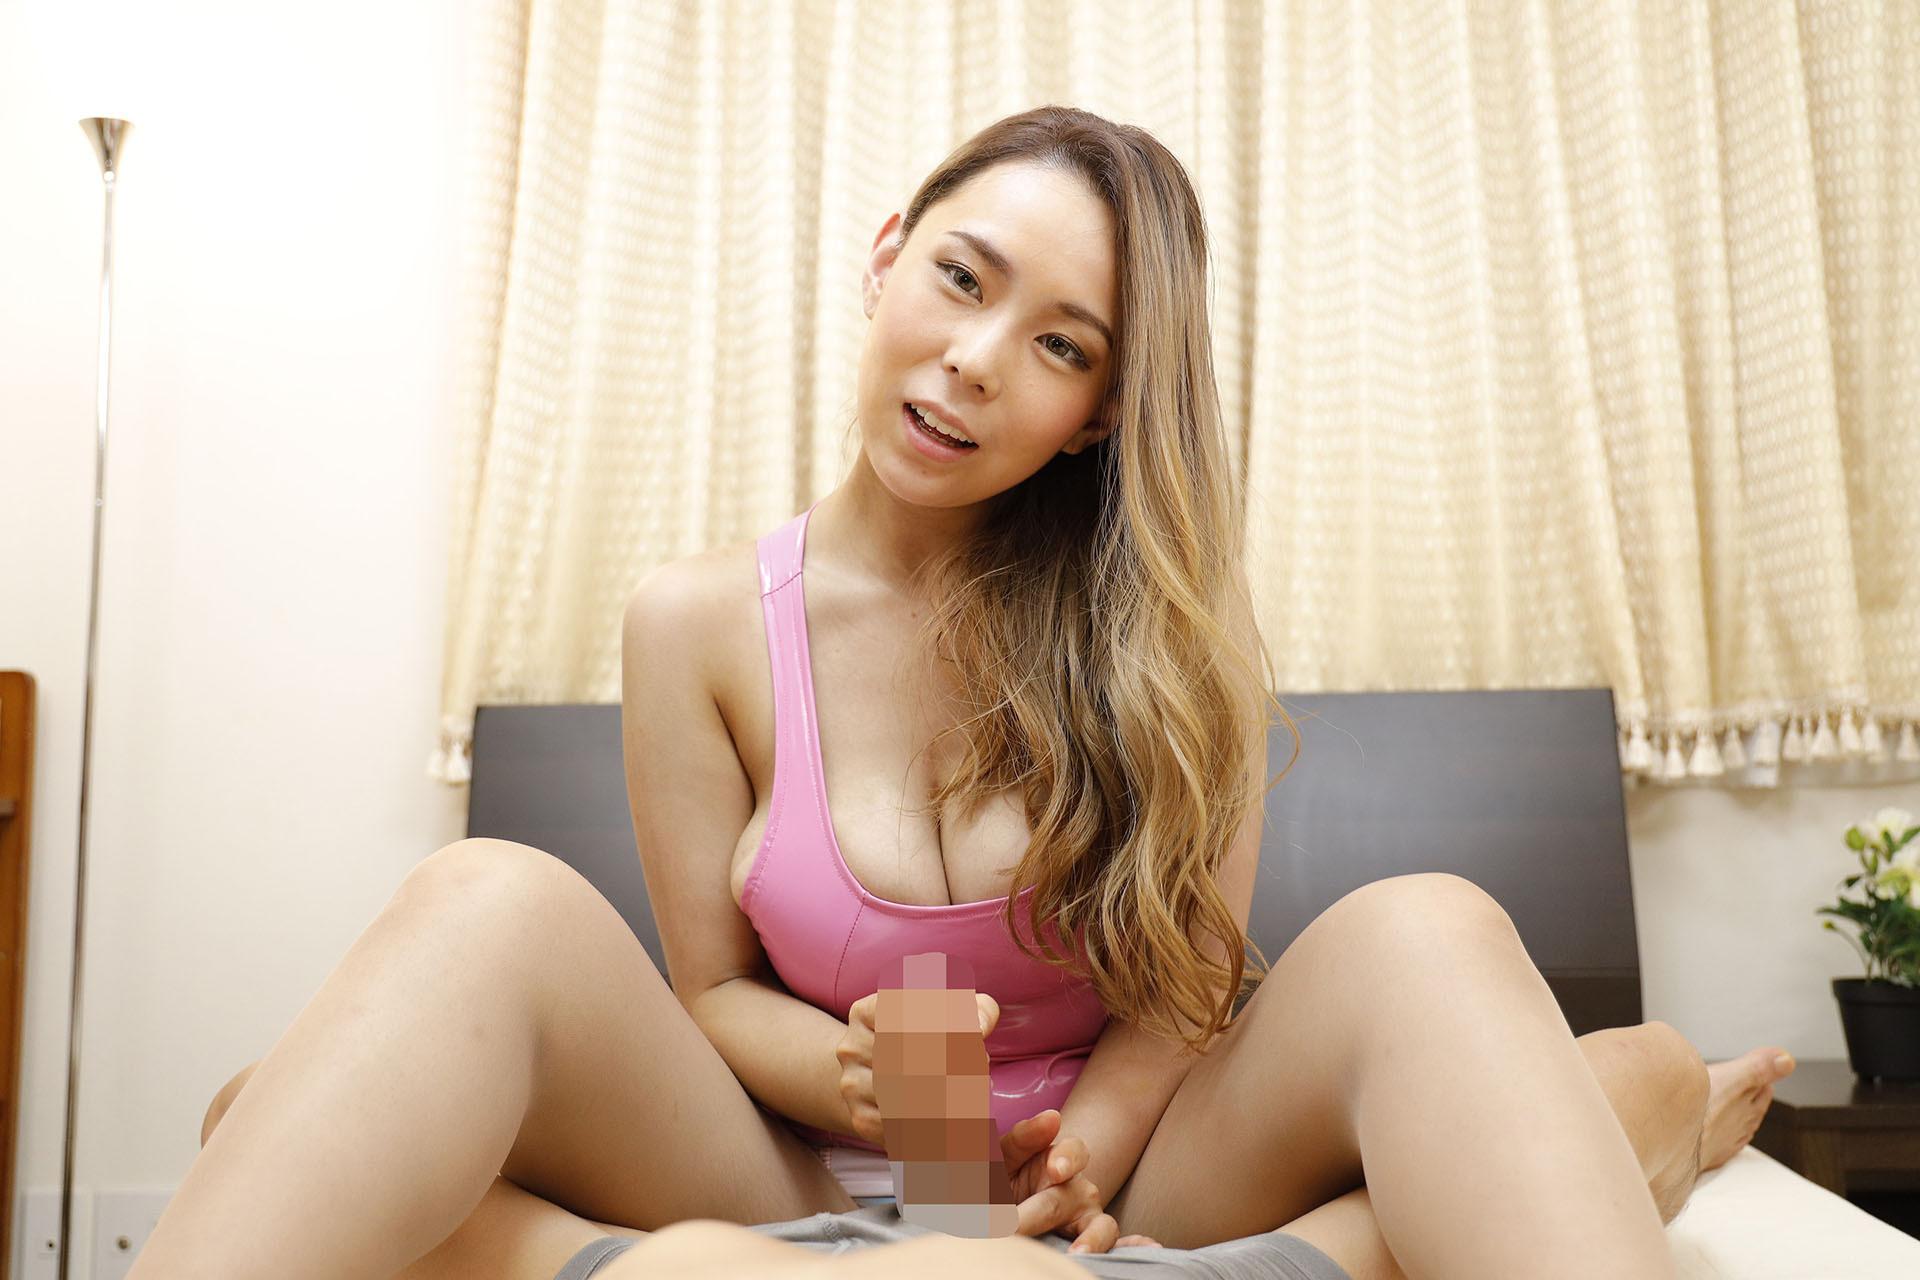 Iカップロケットオッパイのエロ黒姉さん over age.30 画像12